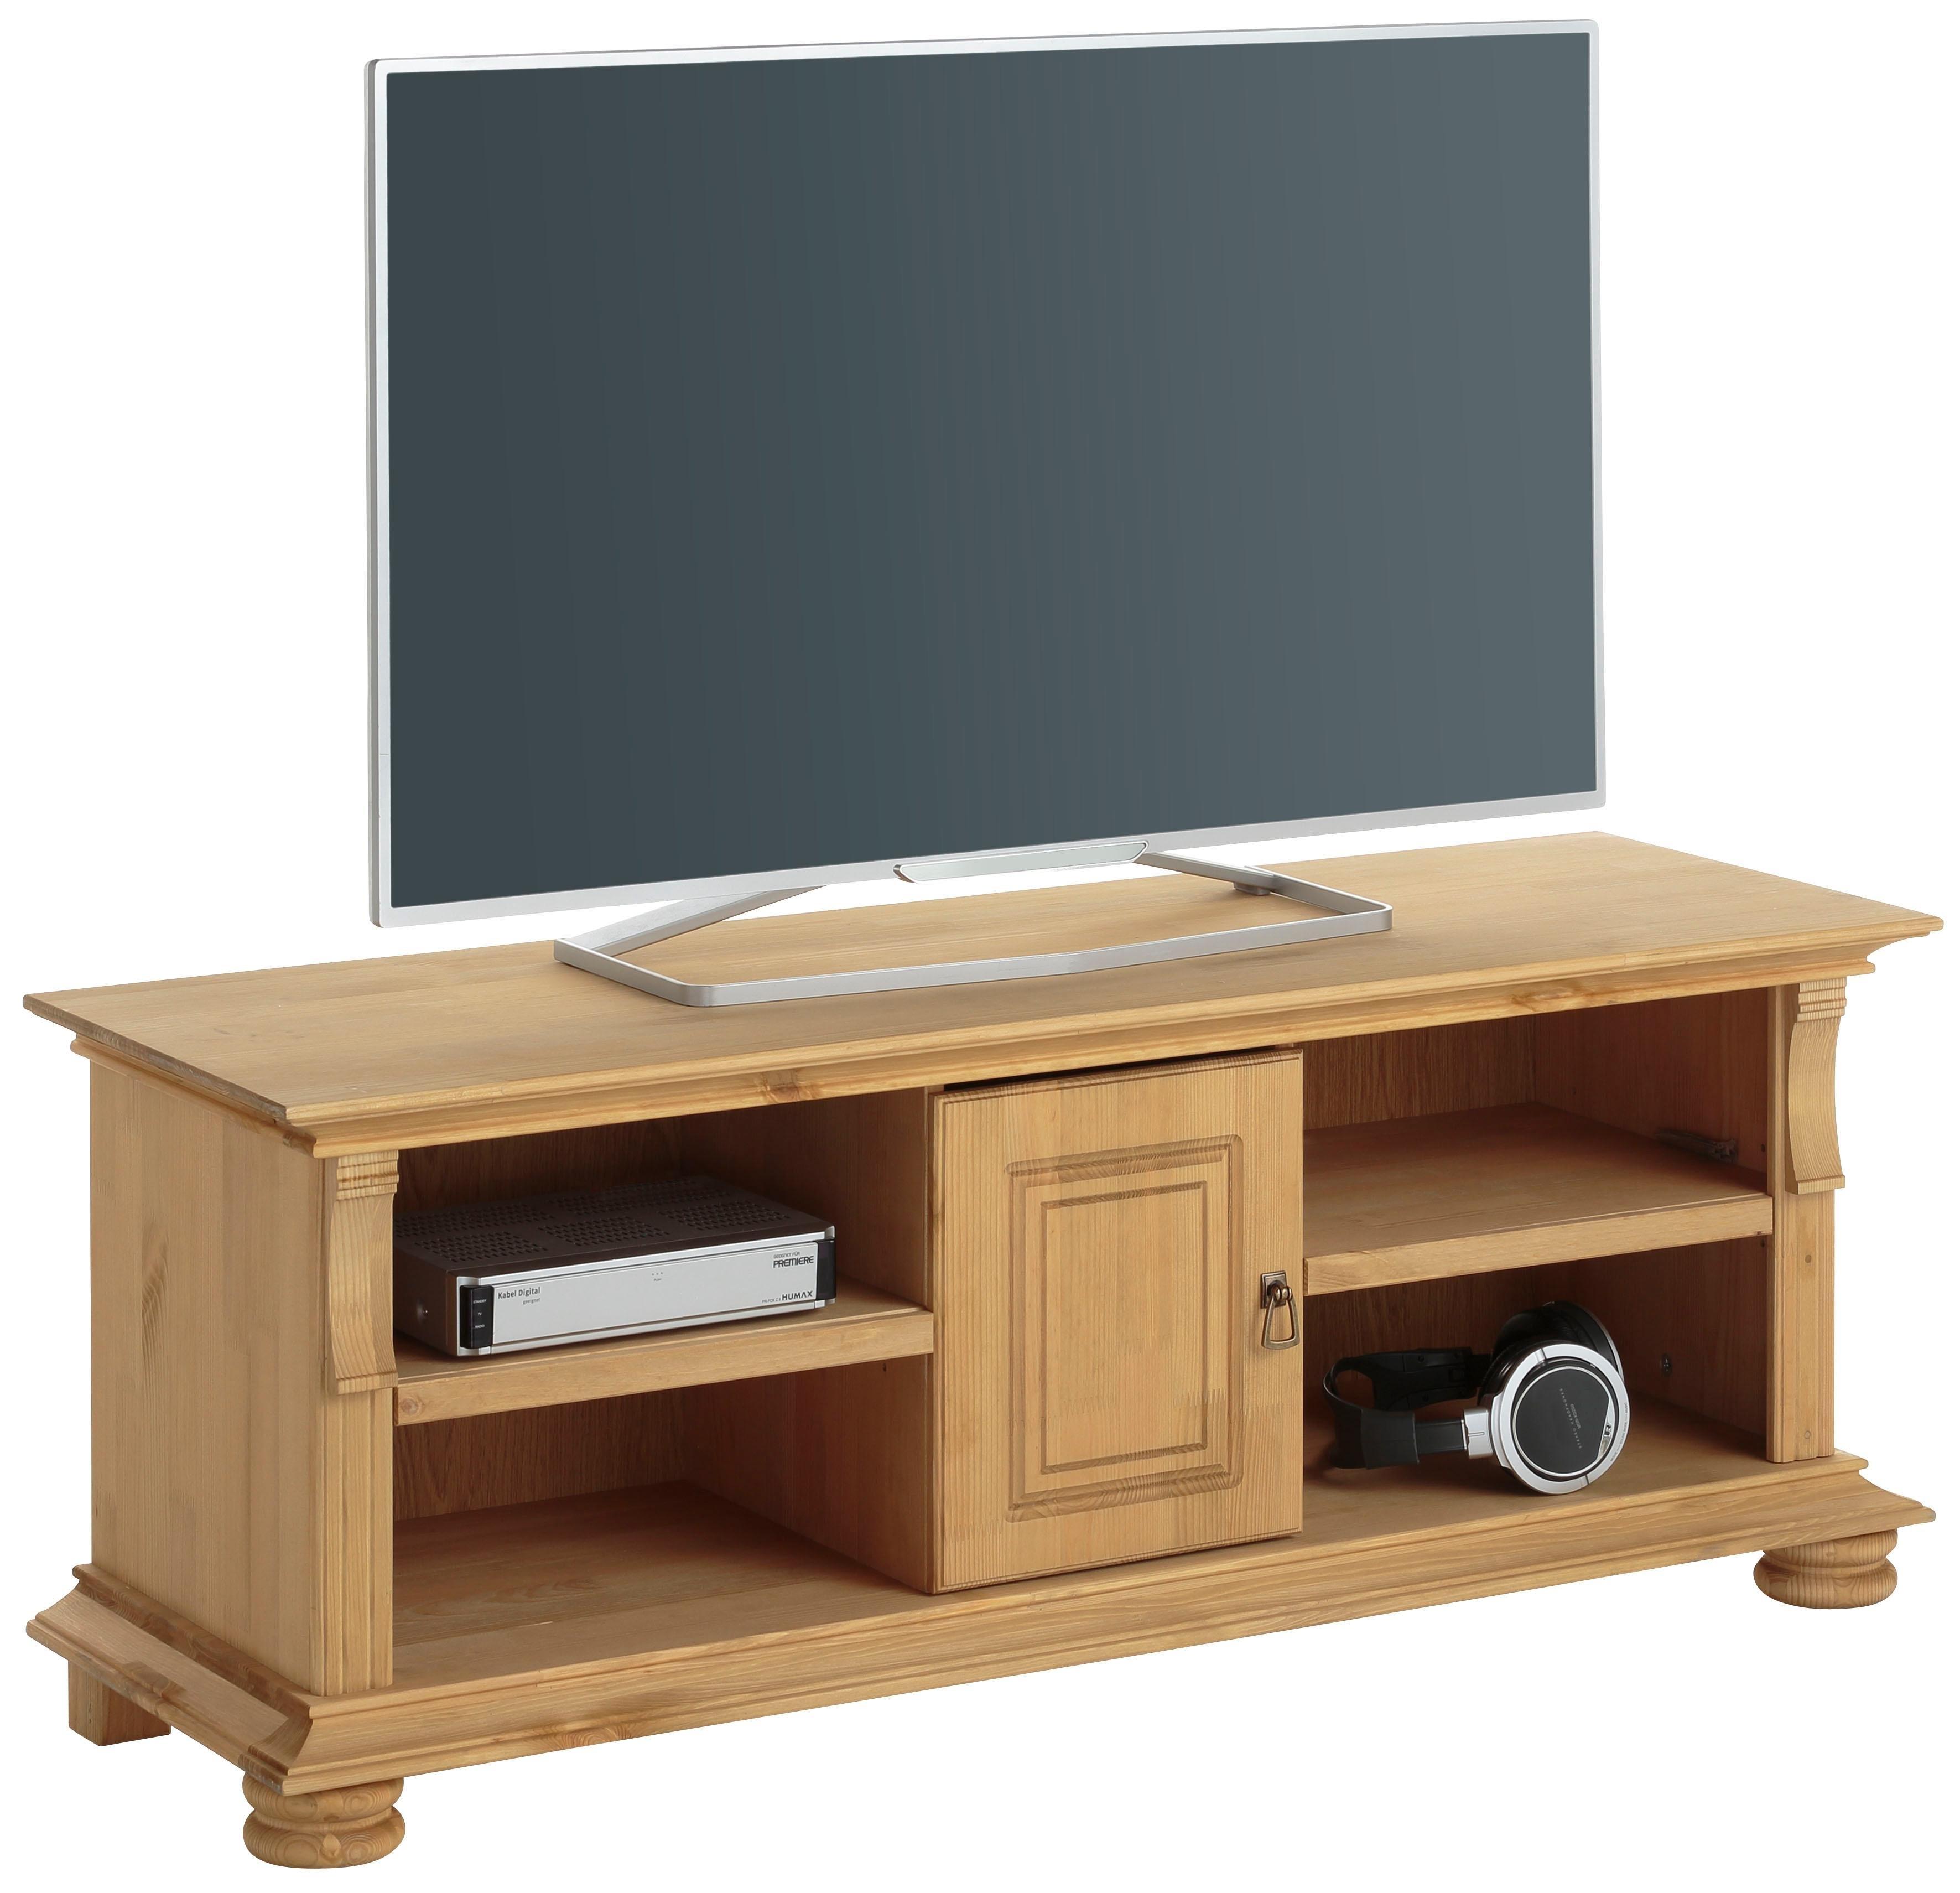 Home affaire tv-meubel Mitu van massief grenen online kopen op otto.nl